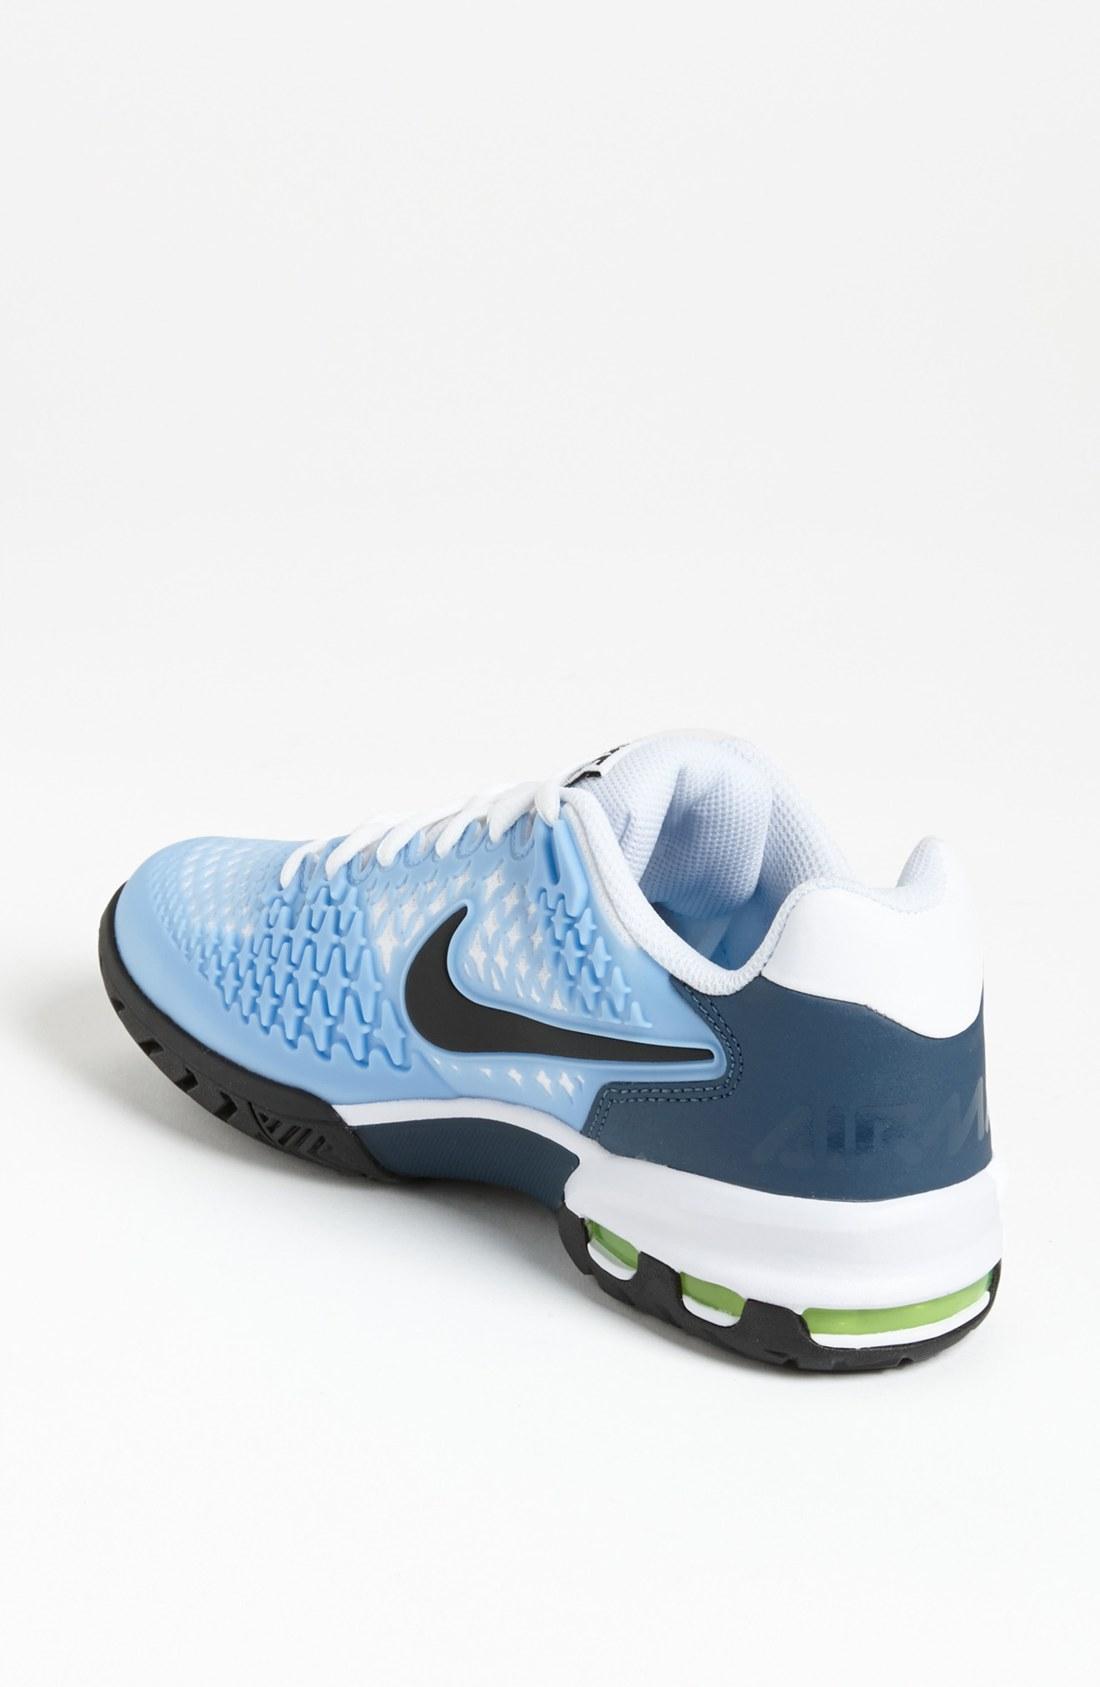 Nike Chaussures De Tennis Femmes Cage Air Max